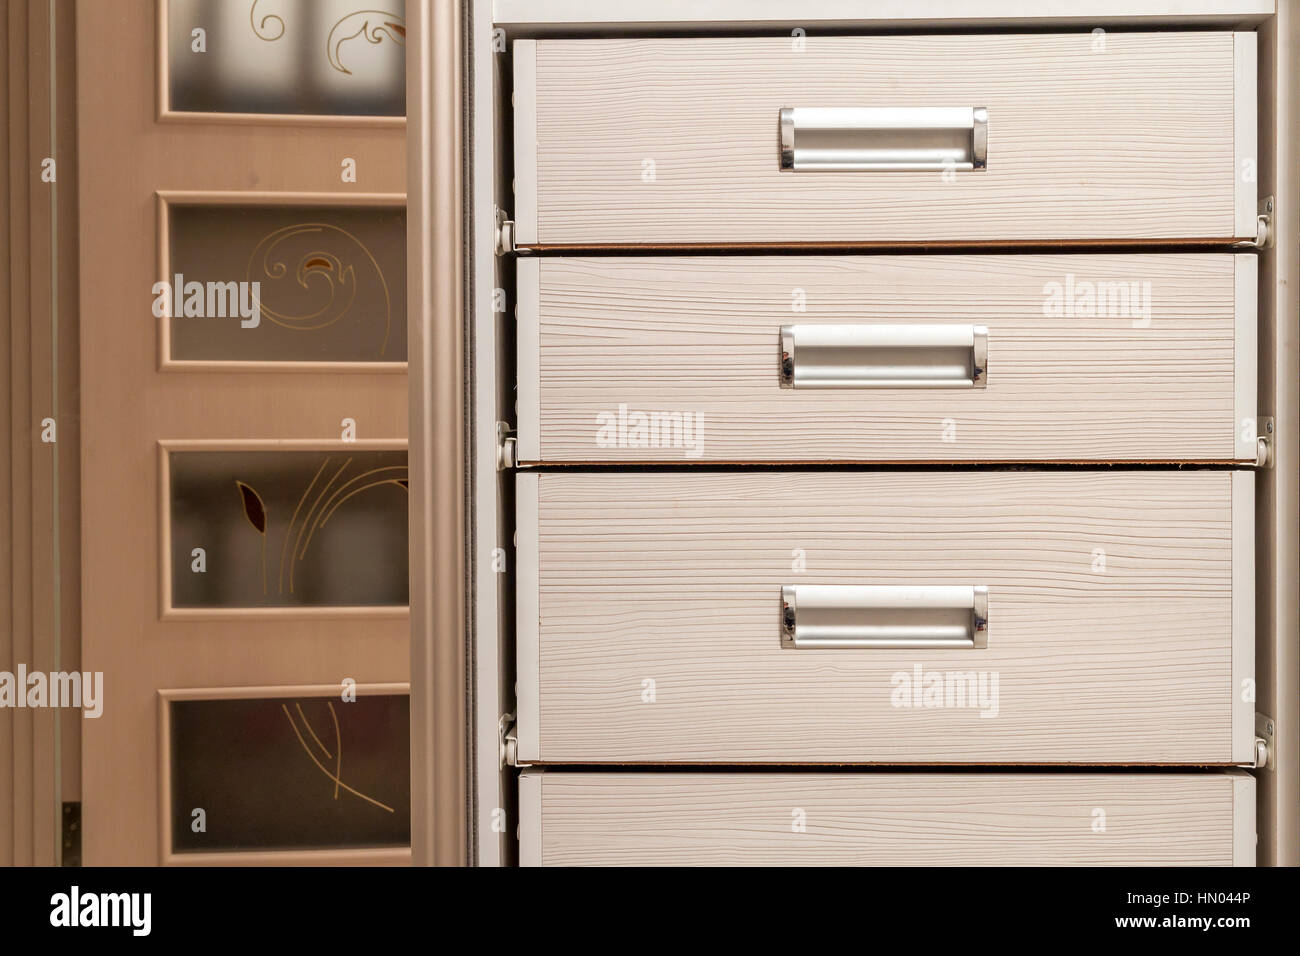 Detail Der Holzmobel Schrank Kommode Mit Schubladen Front Metall